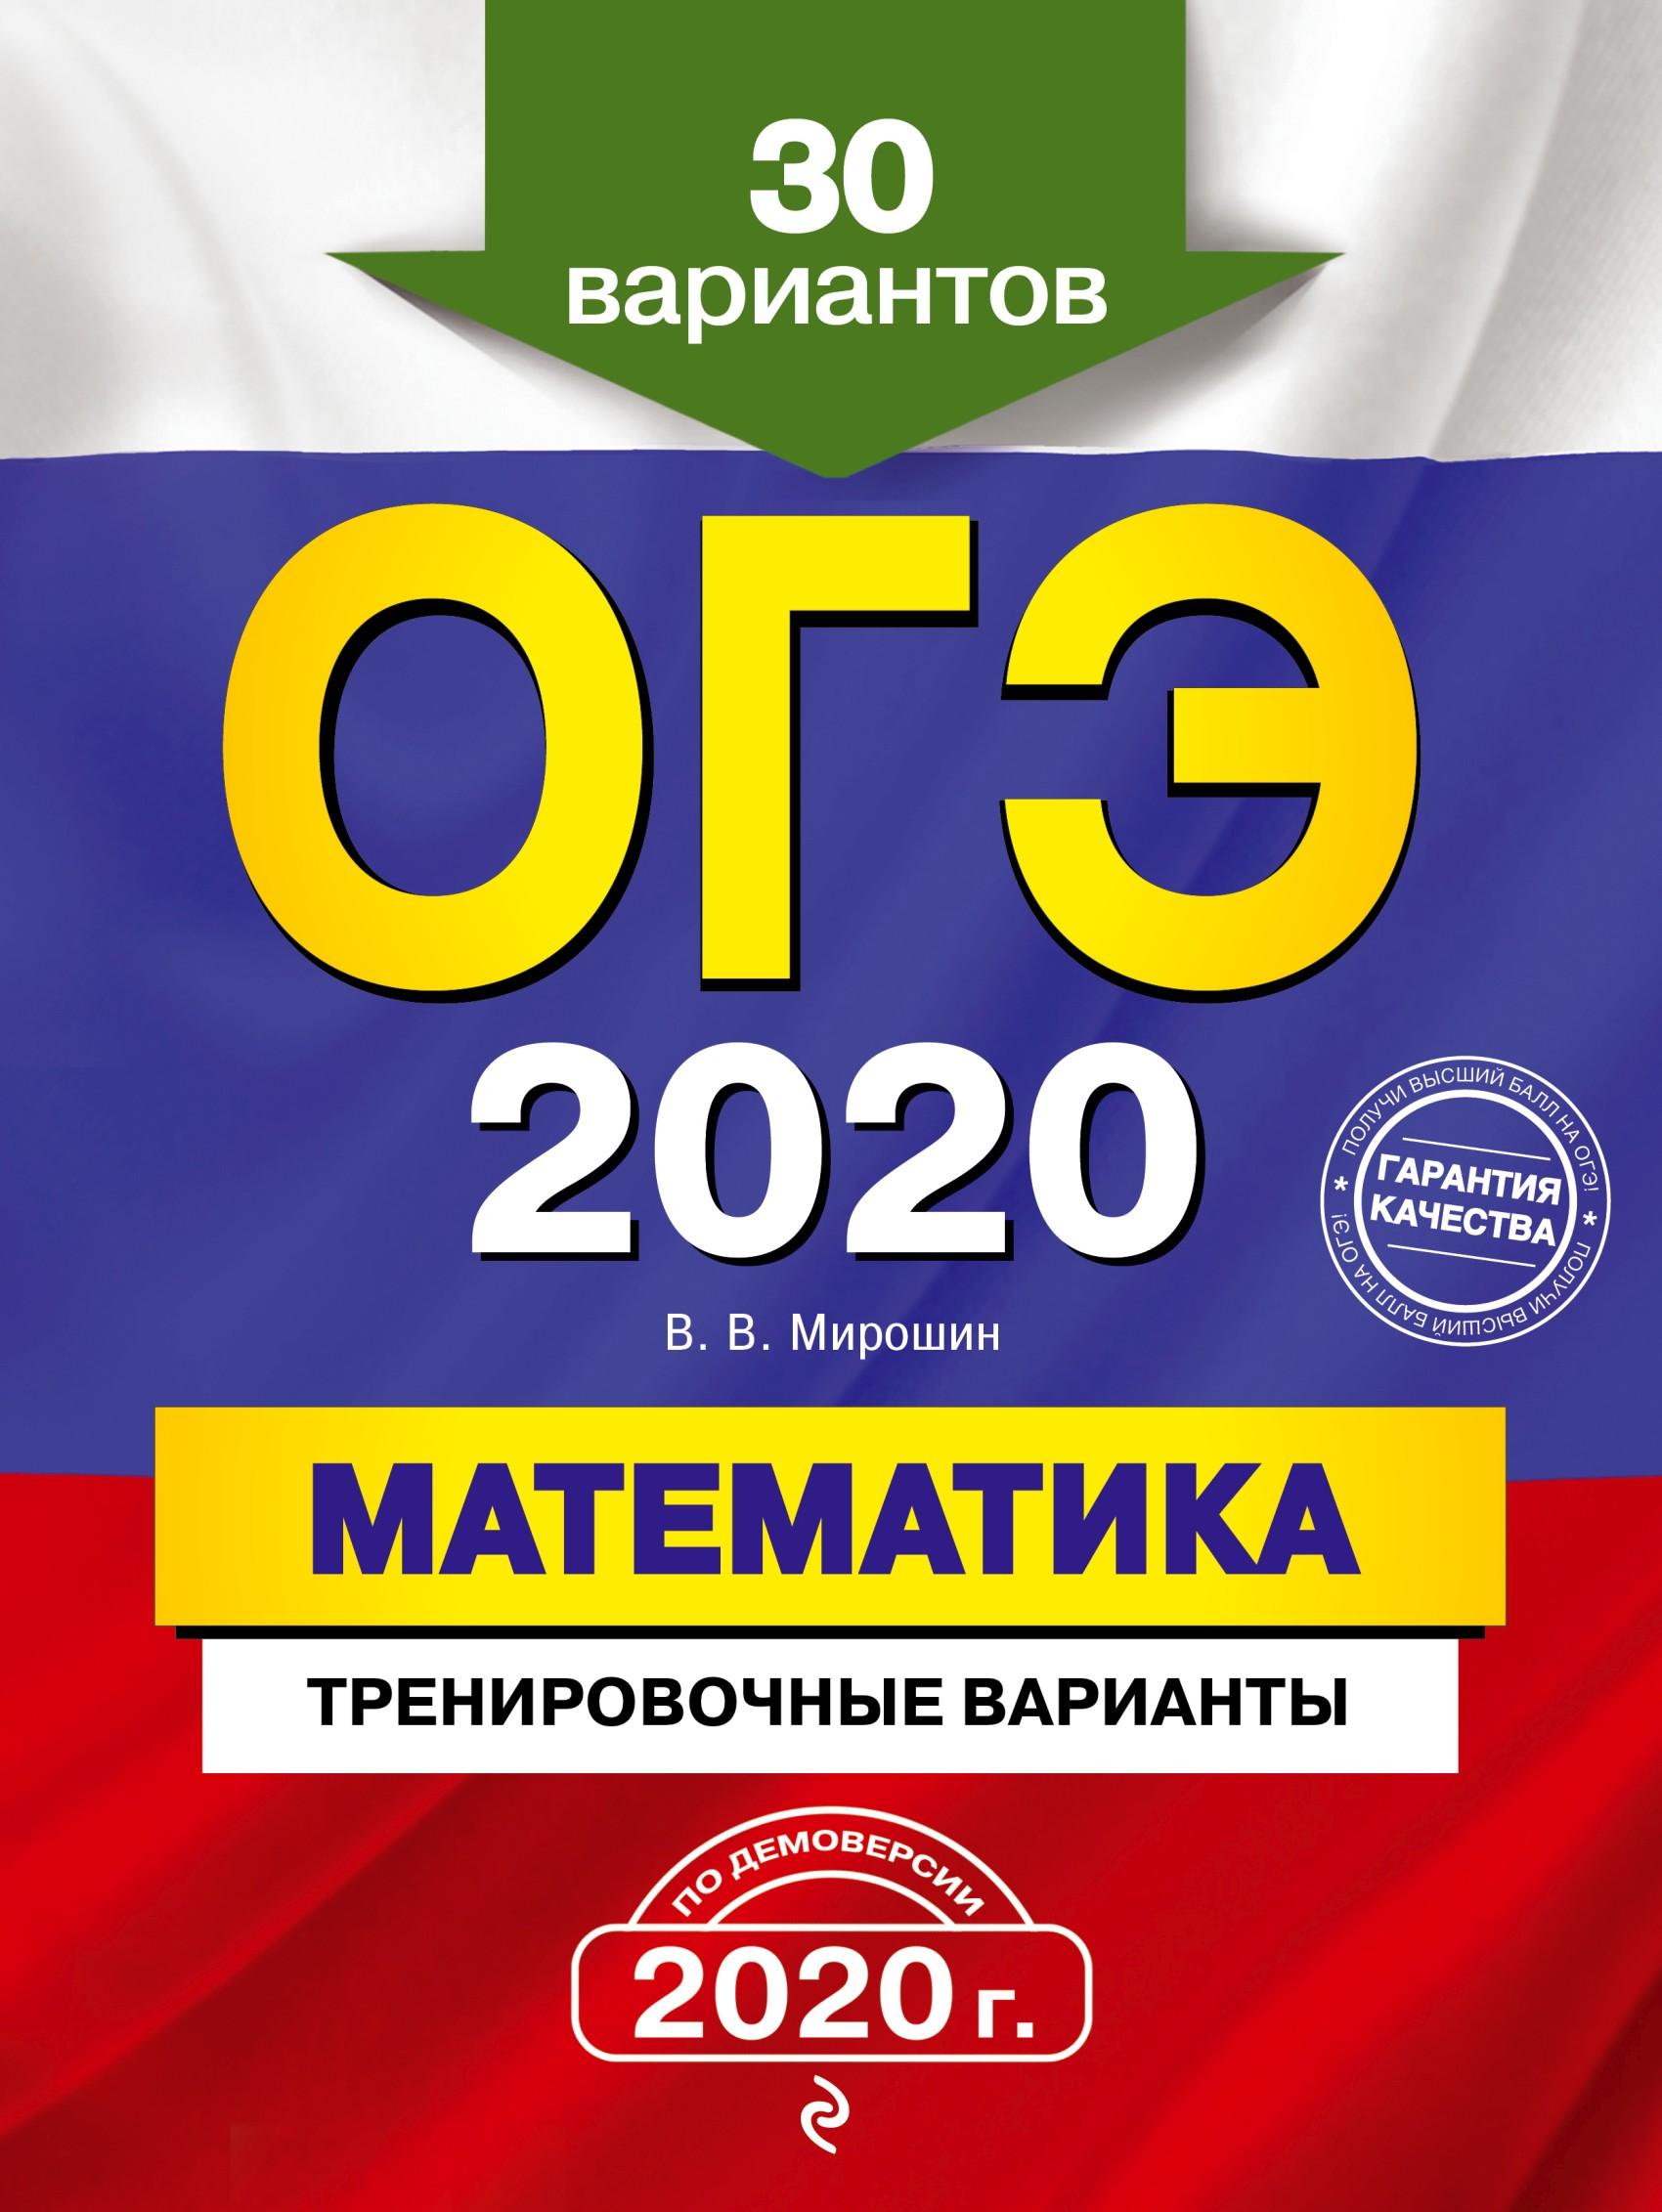 ОГЭ 2020. Математика. Тренировочные варианты. 30 вариантов ( В. В. Мирошин  )